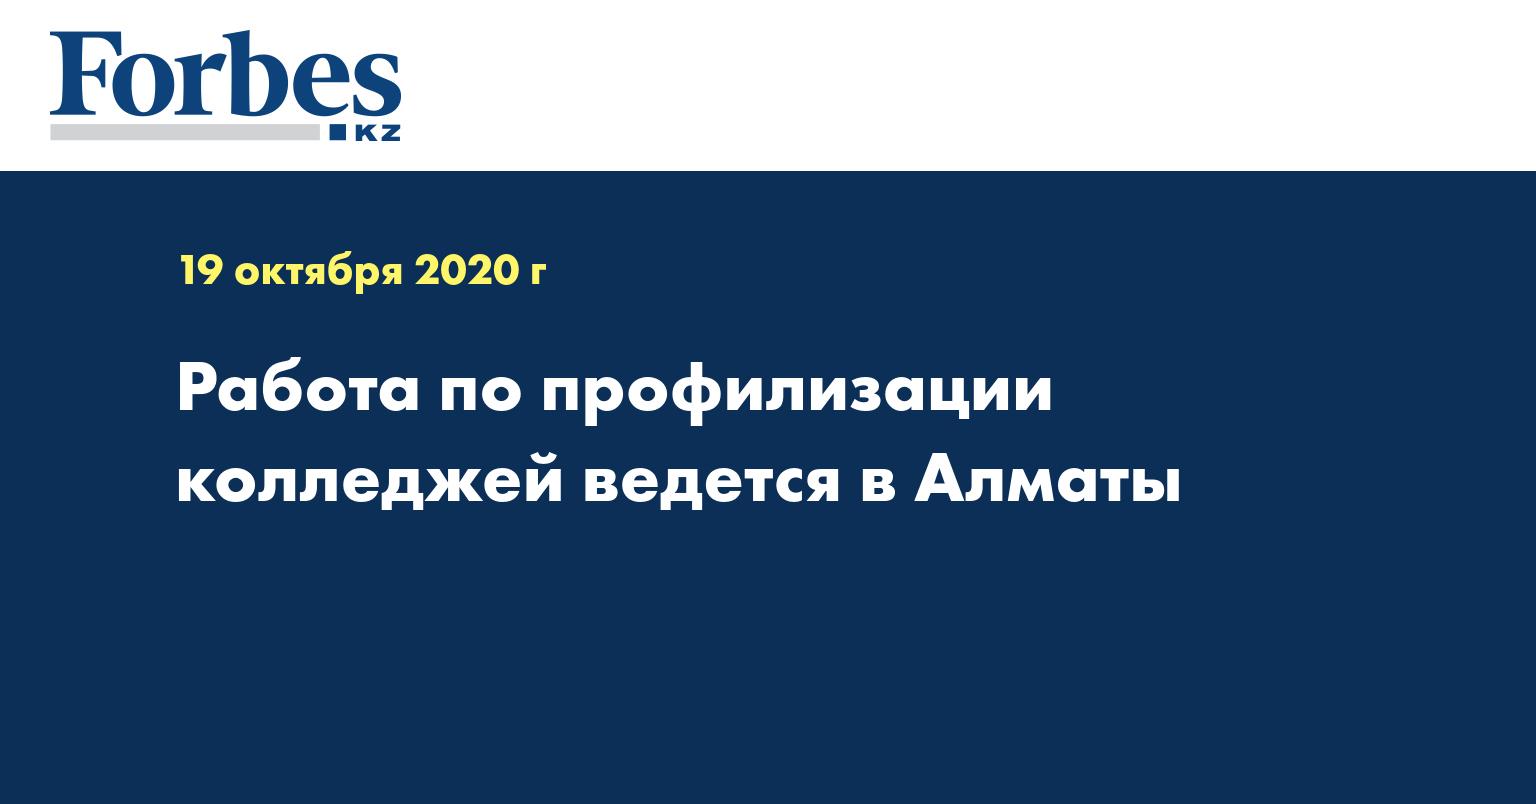 Работа по  профилизации колледжей ведется в Алматы